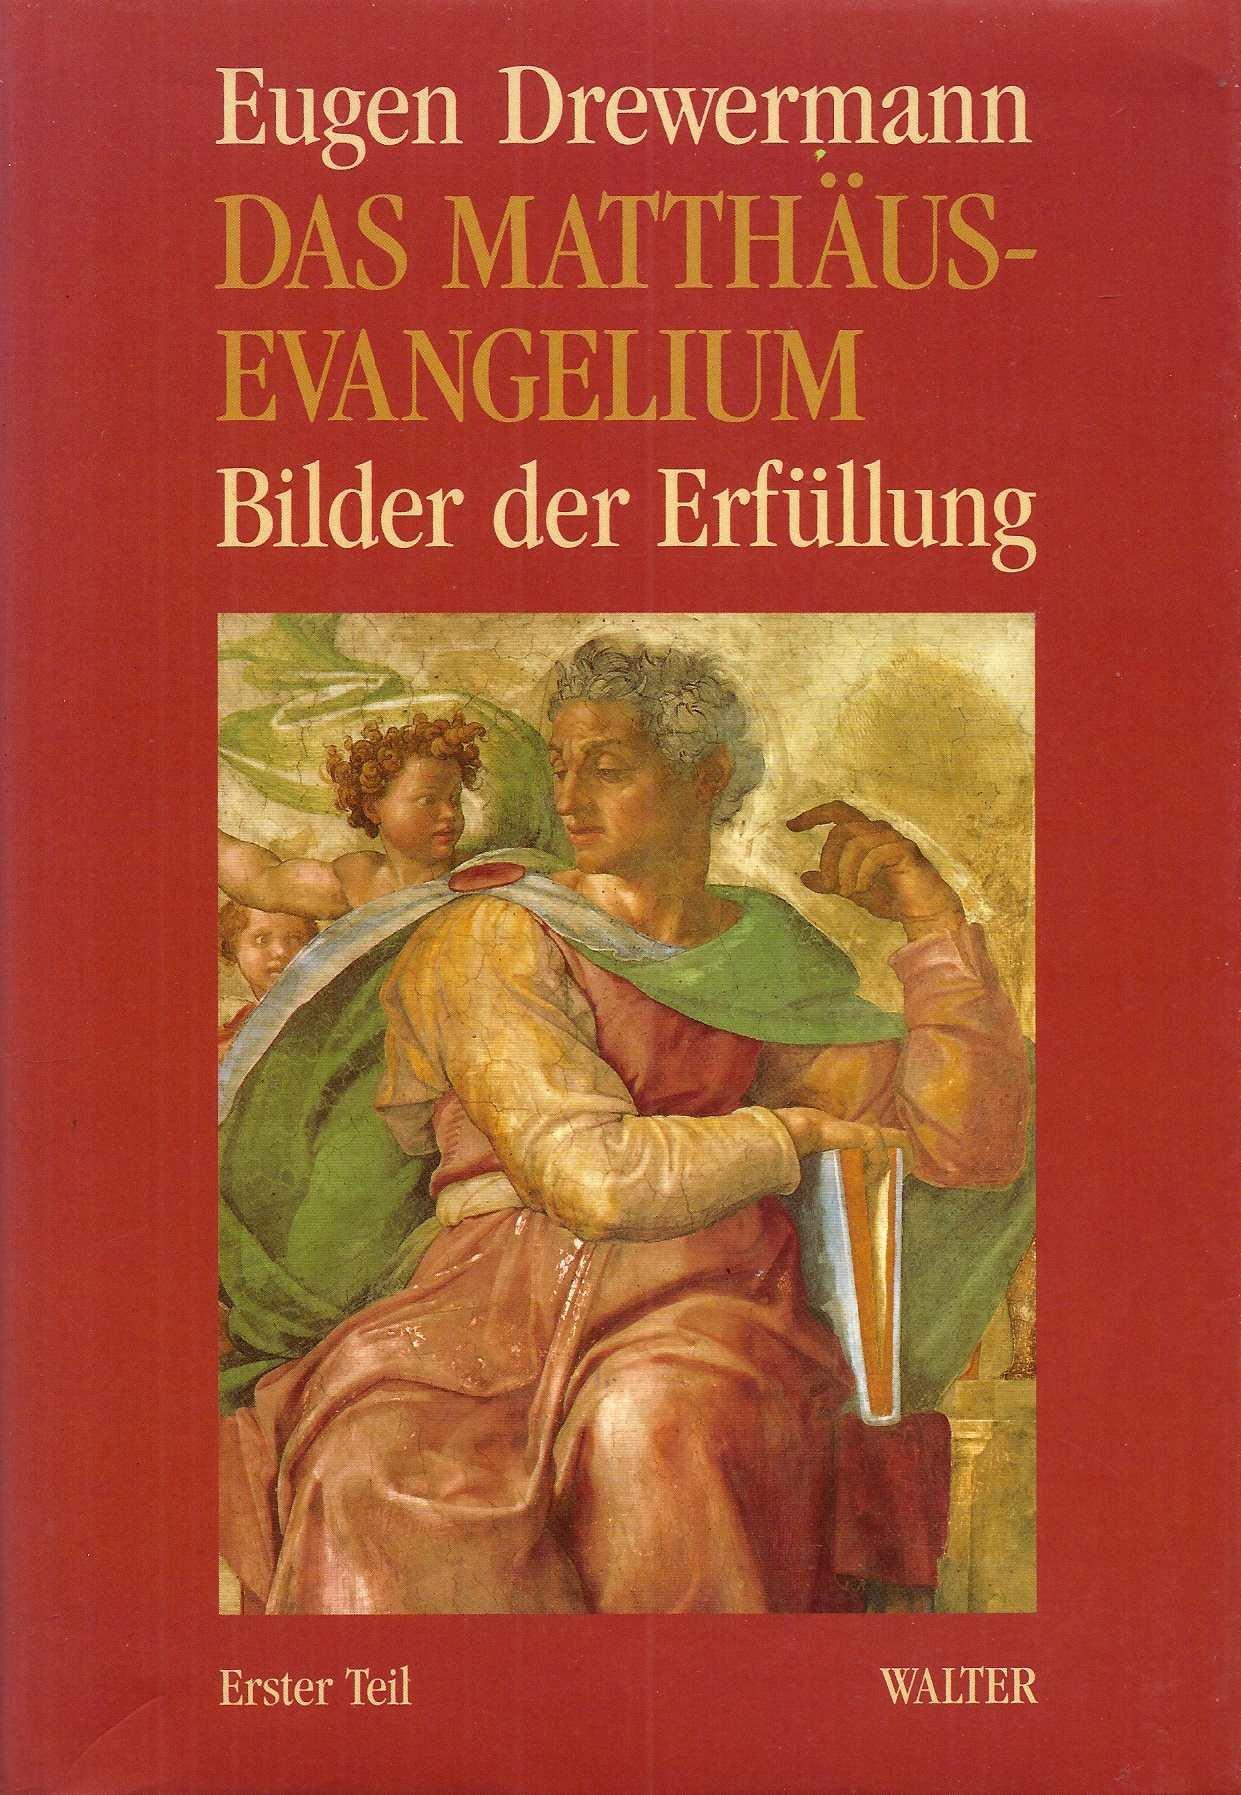 Das Matthäus-Evangelium, Tl.1, Matthäus 1,1-7,29